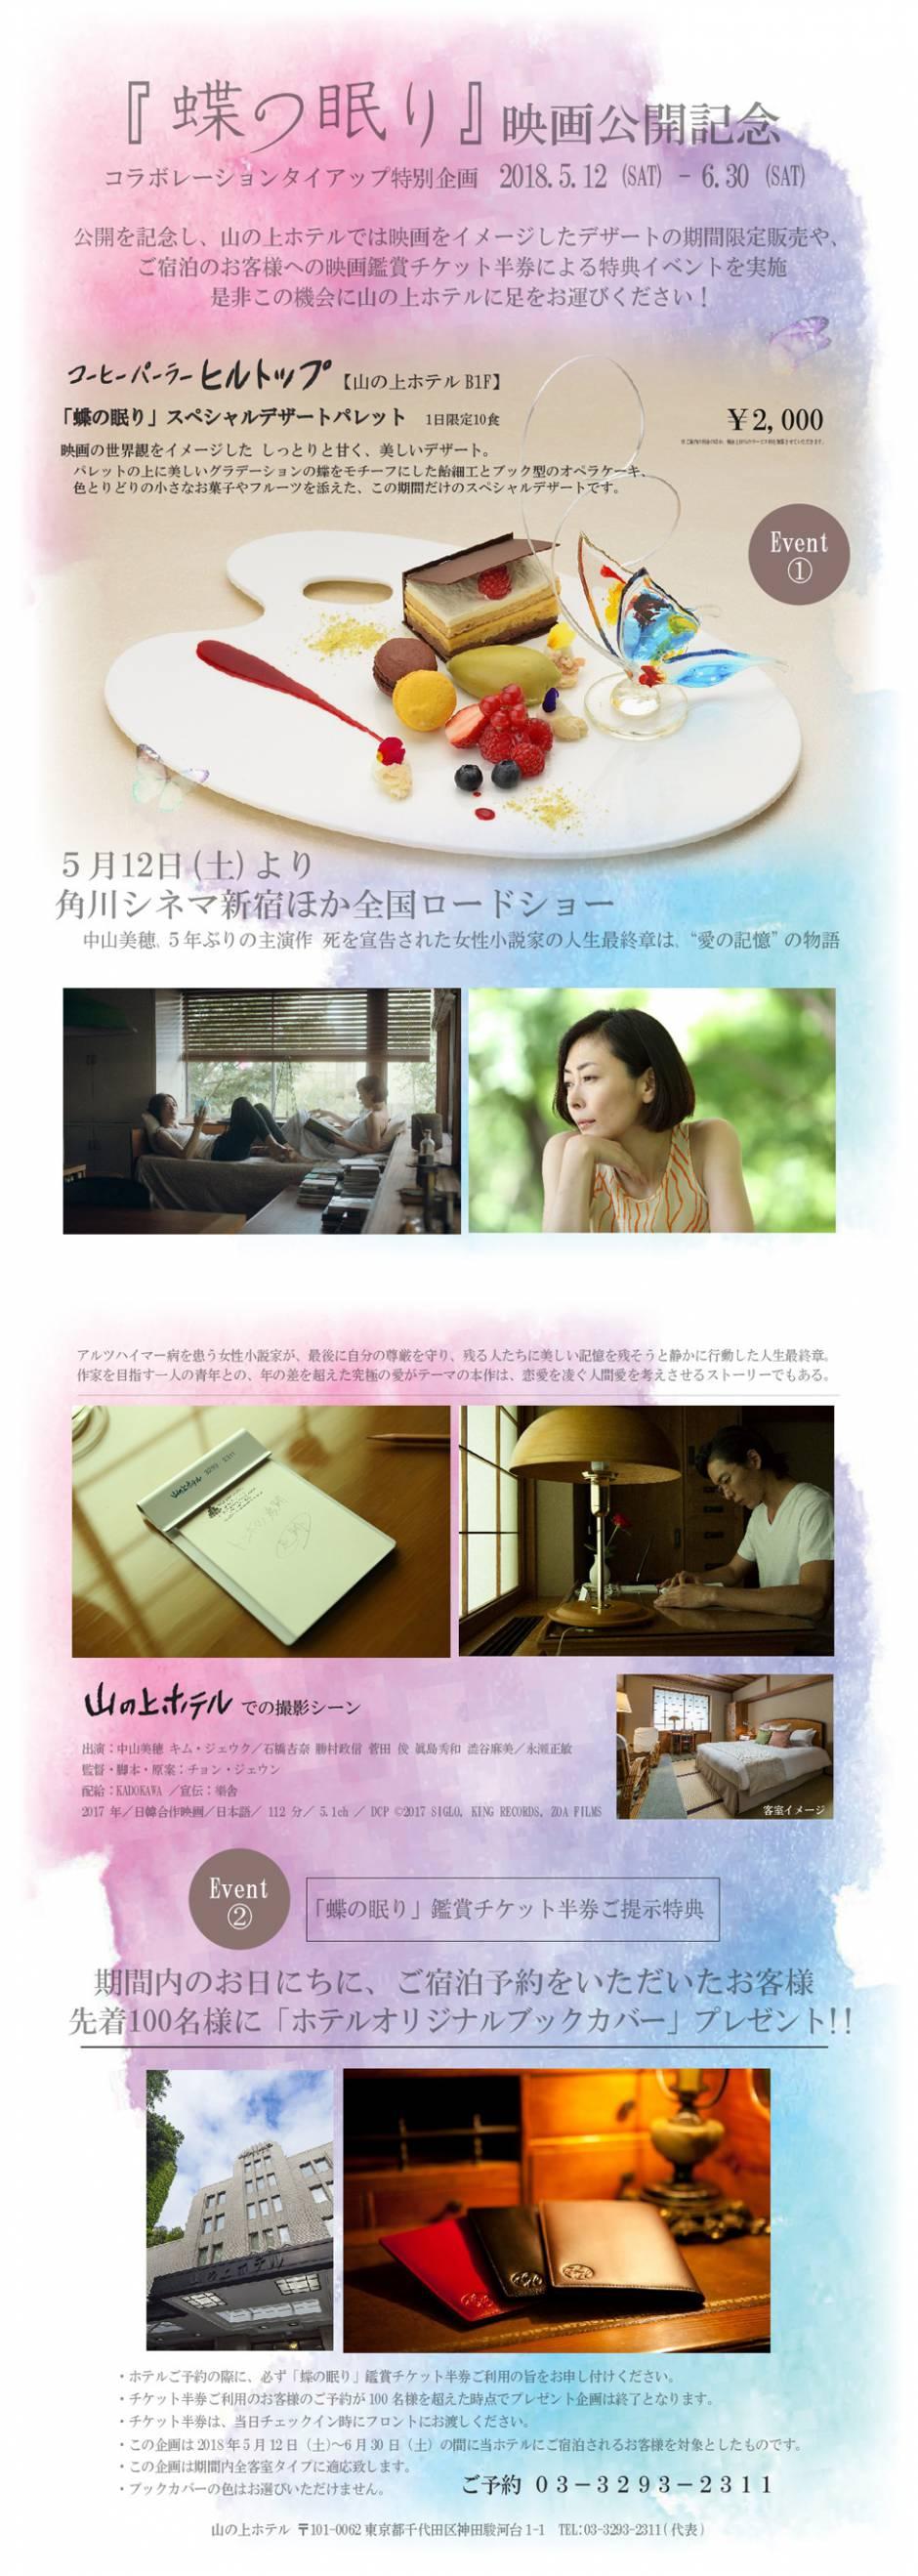 【終了しました】映画「蝶の眠り」×山の上ホテル コラボレーションタイアップ特別企画